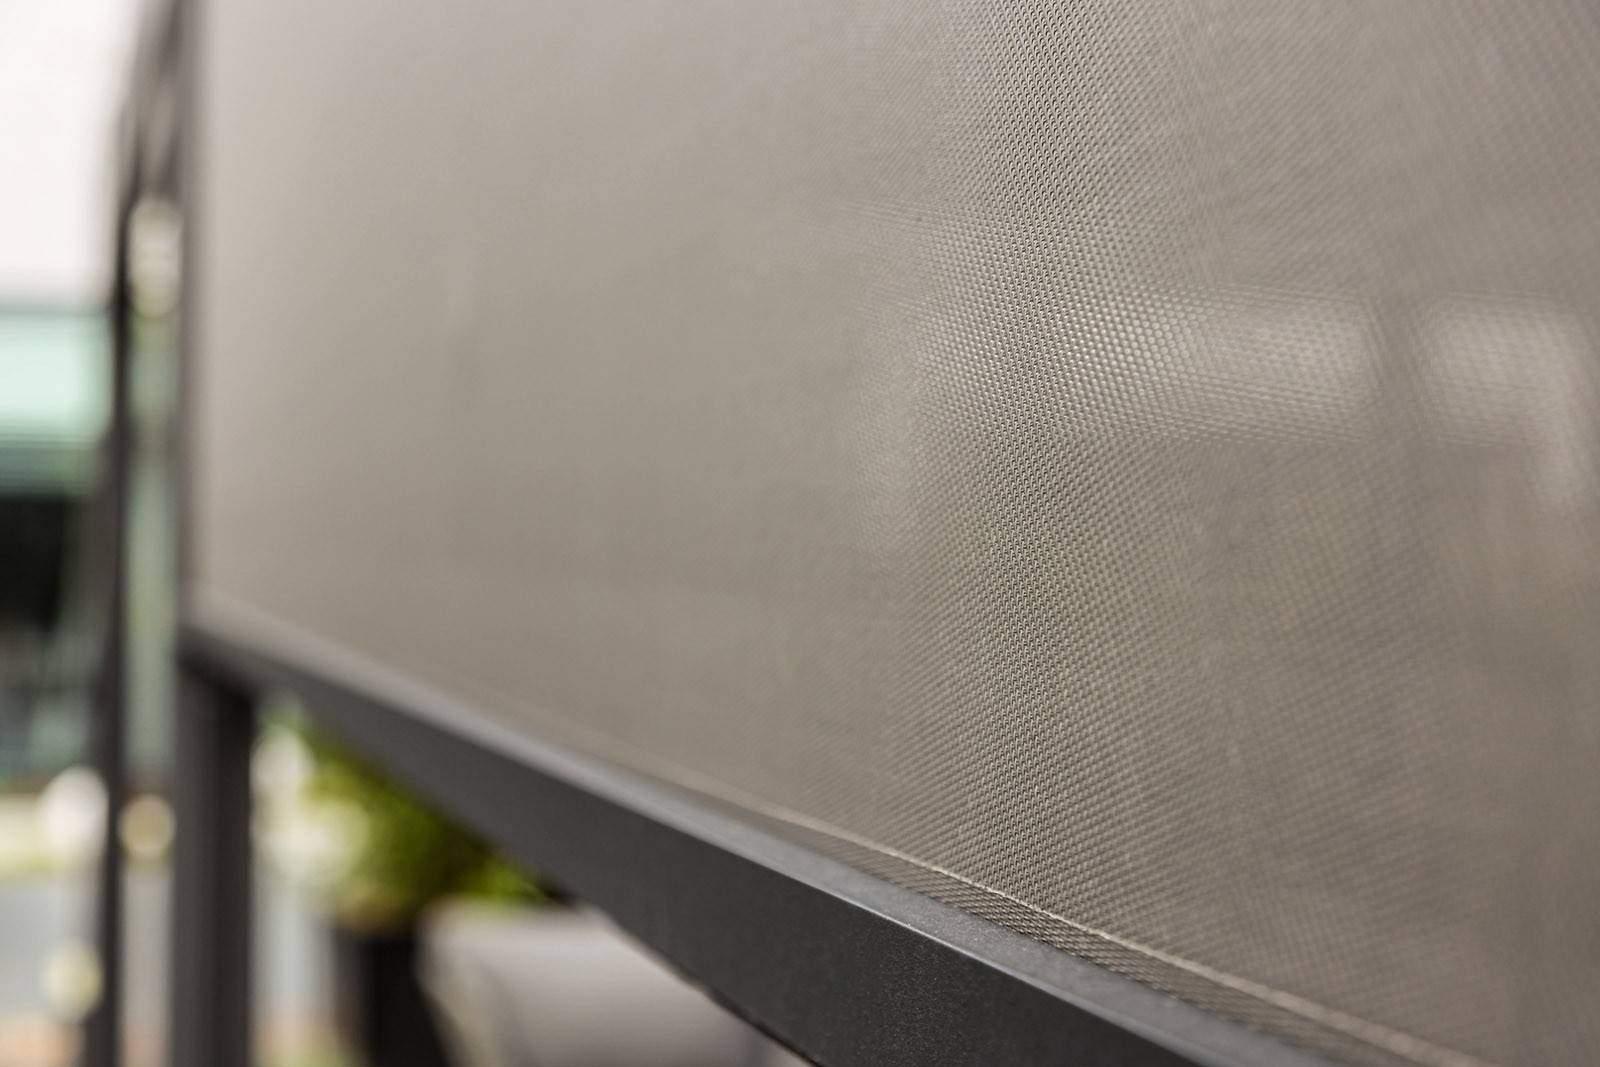 Zadaszenie PERARA 600x300cm antracyt 693